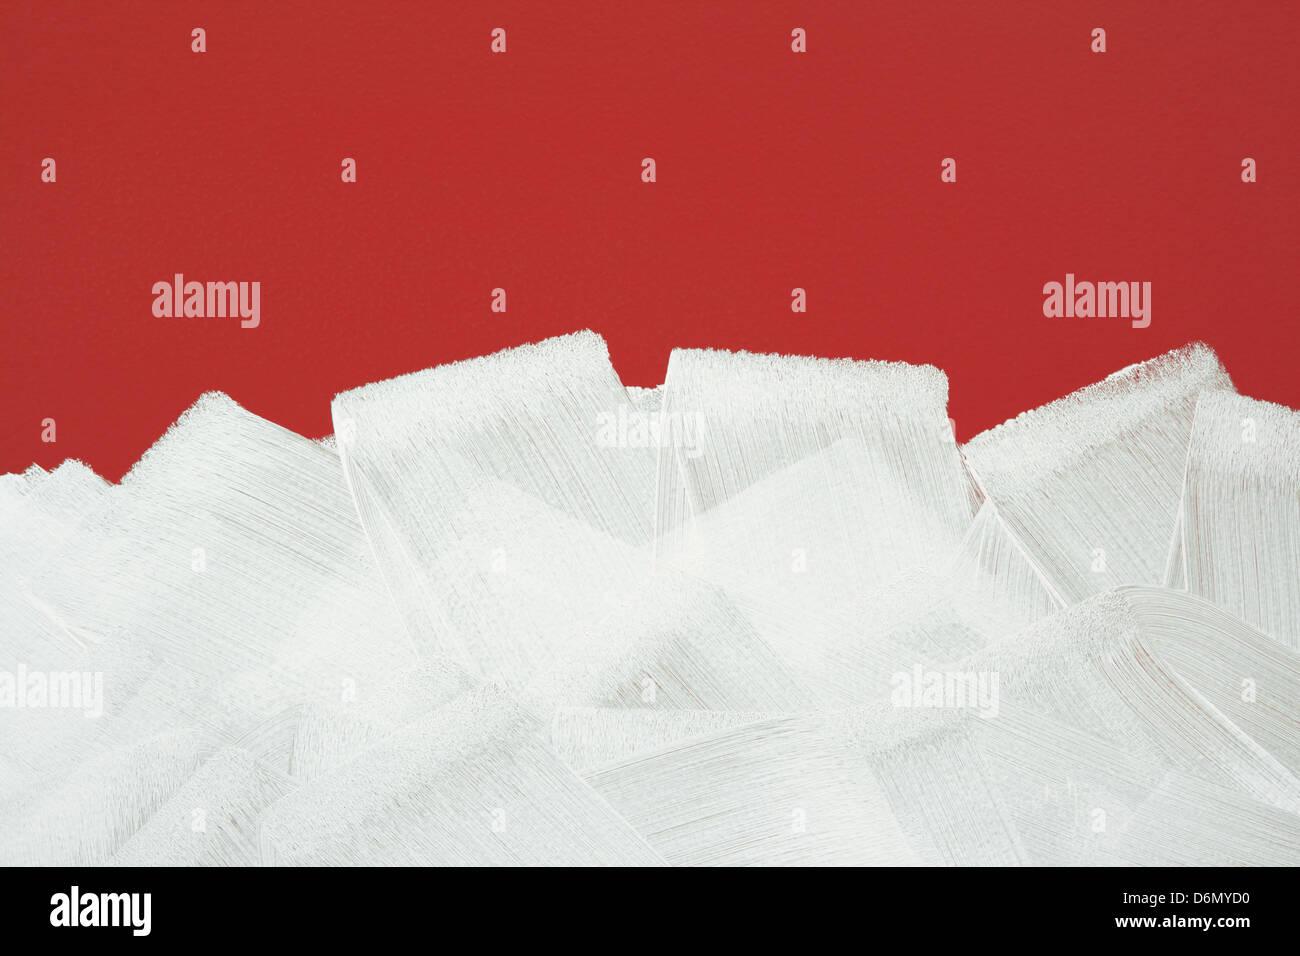 Mur Rouge Vif Peint En Blanc Avec Rouleau à Peindre Les